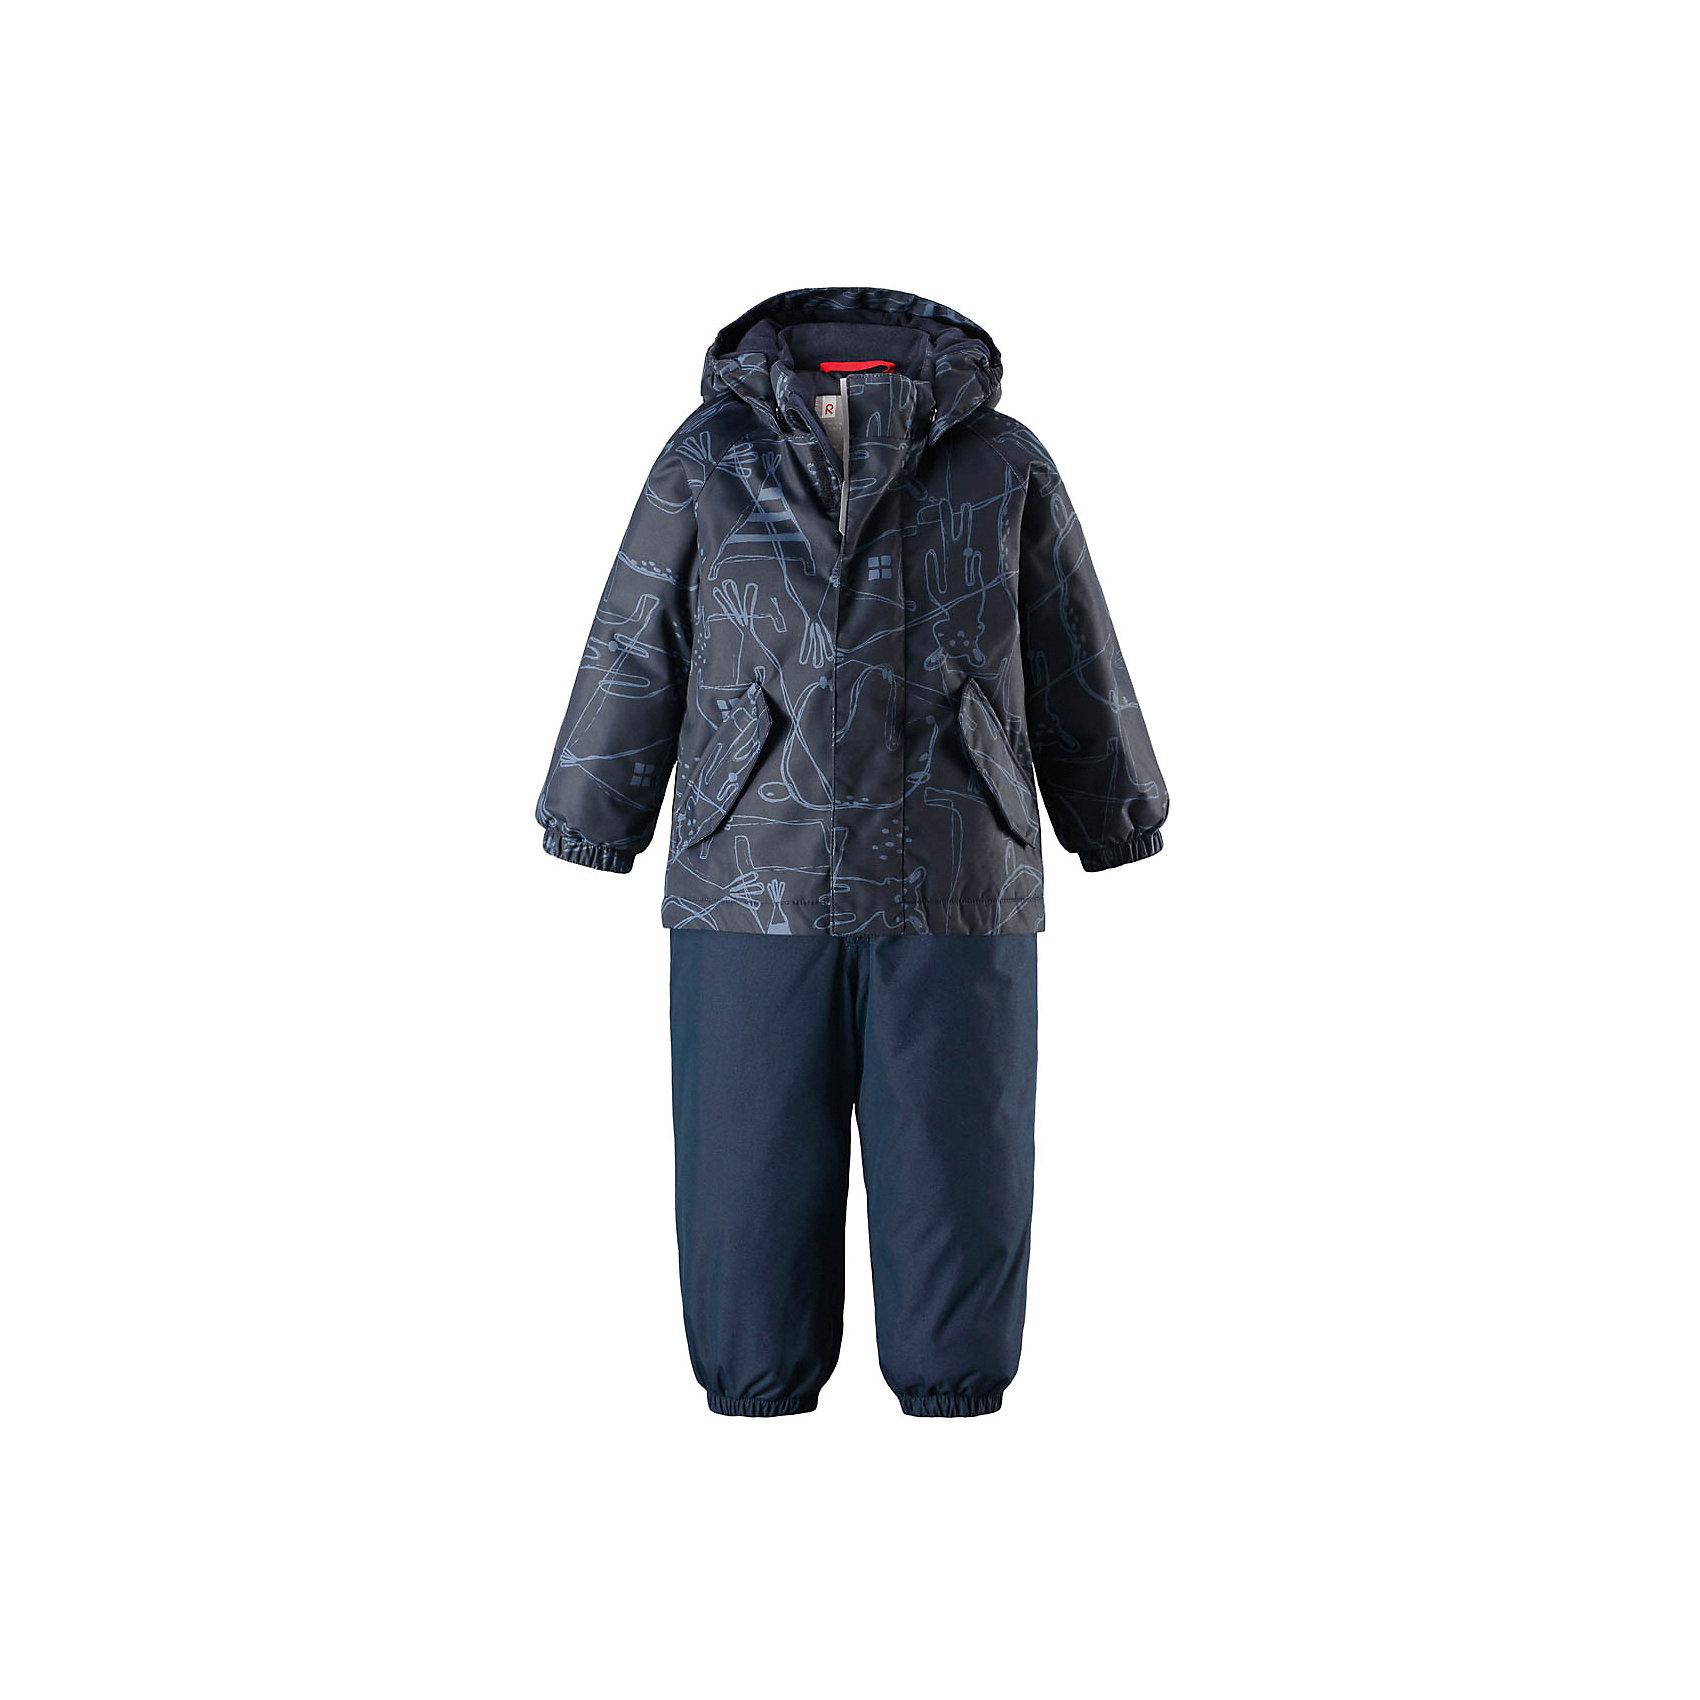 Комплект Olki Reimatec® ReimaВерхняя одежда<br>Теплый зимний комплект для малышей сшит из ветро- и водонепроницаемого материала с основными проклеенными и водонепроницаемыми швами. Куртка оснащена съемным капюшоном, который легко отстегивается, если за что-нибудь зацепится. У зимних брюк высокая талия, которая защищает поясницу от холода, а благодаря подтяжкам и штрипкам они будут хорошо сидеть. <br>Состав:<br>100% Полиэстер<br><br>Ширина мм: 356<br>Глубина мм: 10<br>Высота мм: 245<br>Вес г: 519<br>Цвет: синий<br>Возраст от месяцев: 24<br>Возраст до месяцев: 36<br>Пол: Унисекс<br>Возраст: Детский<br>Размер: 98,80,86,92<br>SKU: 6968305